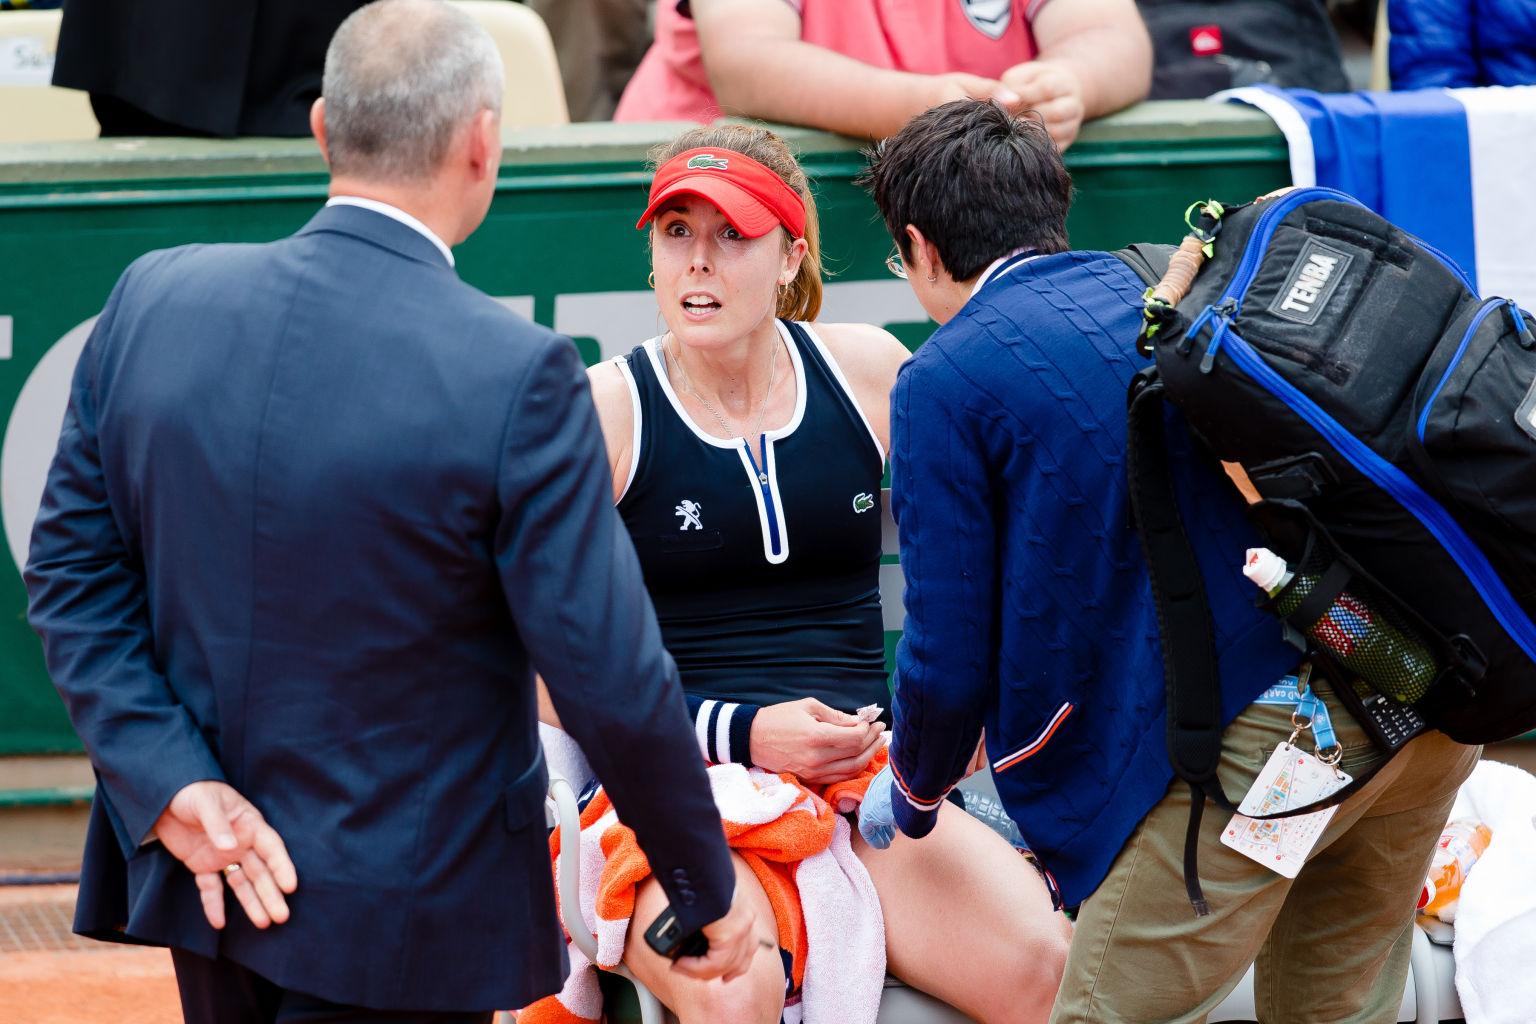 Am Oberschenkel verletzt bezwang Alize Cornet in einem dramatischen Match Tatjana Maria aus Bad Saulgau bei den French Open 2016 in Paris / 2016 / Frankreich / Sandplatz / Grand Slam / Paris / Roland Garros / SPO / Tennis / Bois de Boulogne /